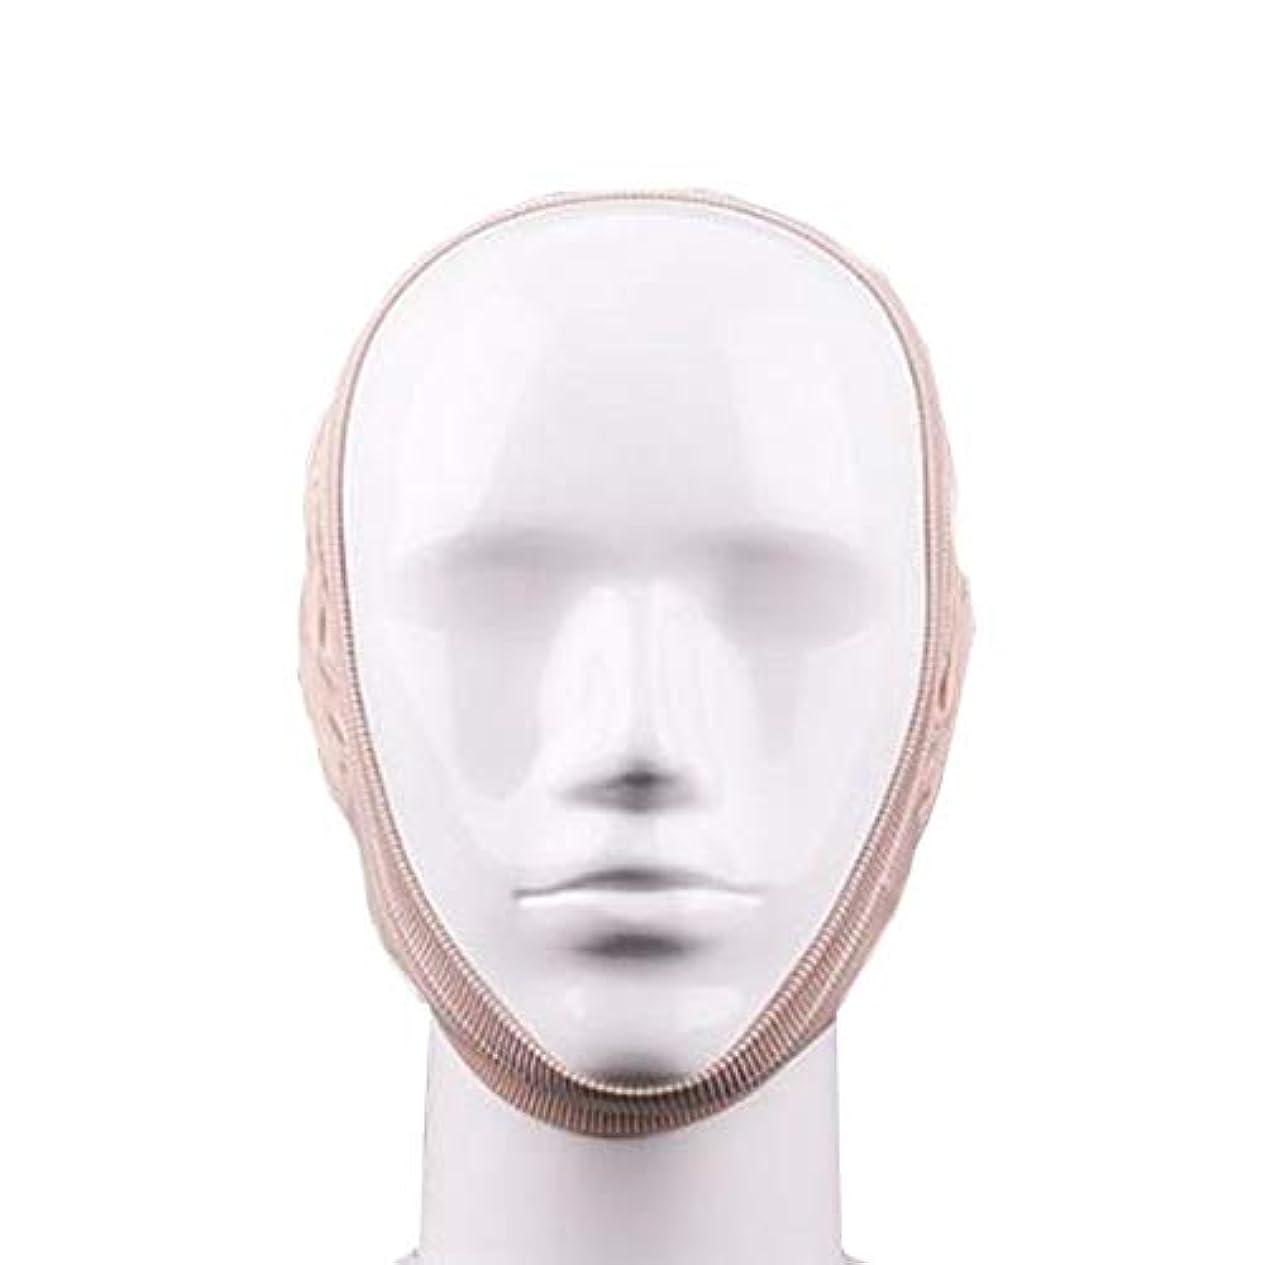 ローストガジュマルフォークZWBD フェイスマスク, 顔の包帯の形成を強化するための術後回復包帯リフティングシェイプマスクを刻むVフェイスアーティファクトスモールフェイスマスクライン (Color : B)